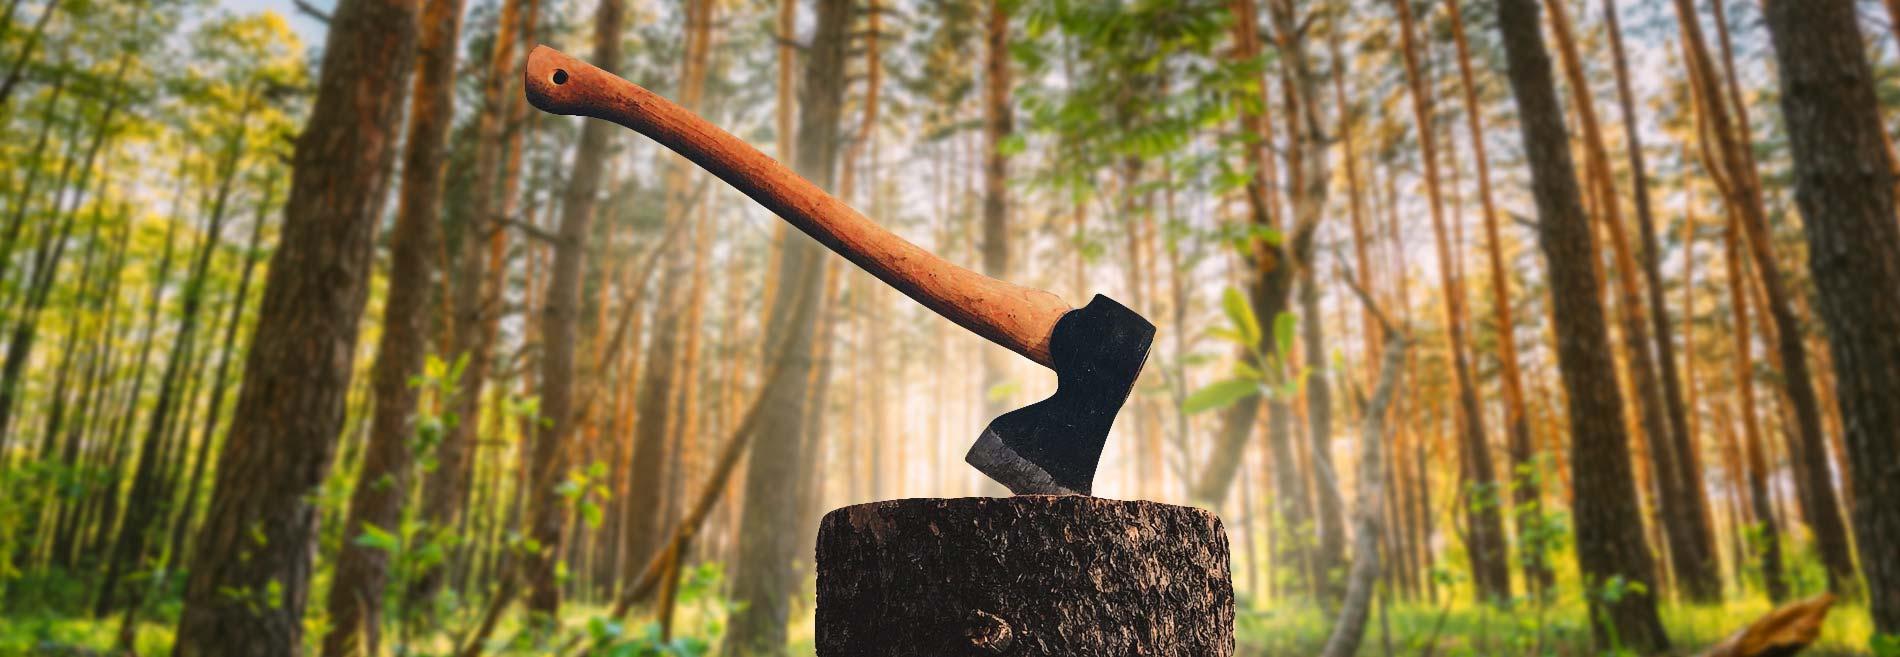 Koumet metsänhoito